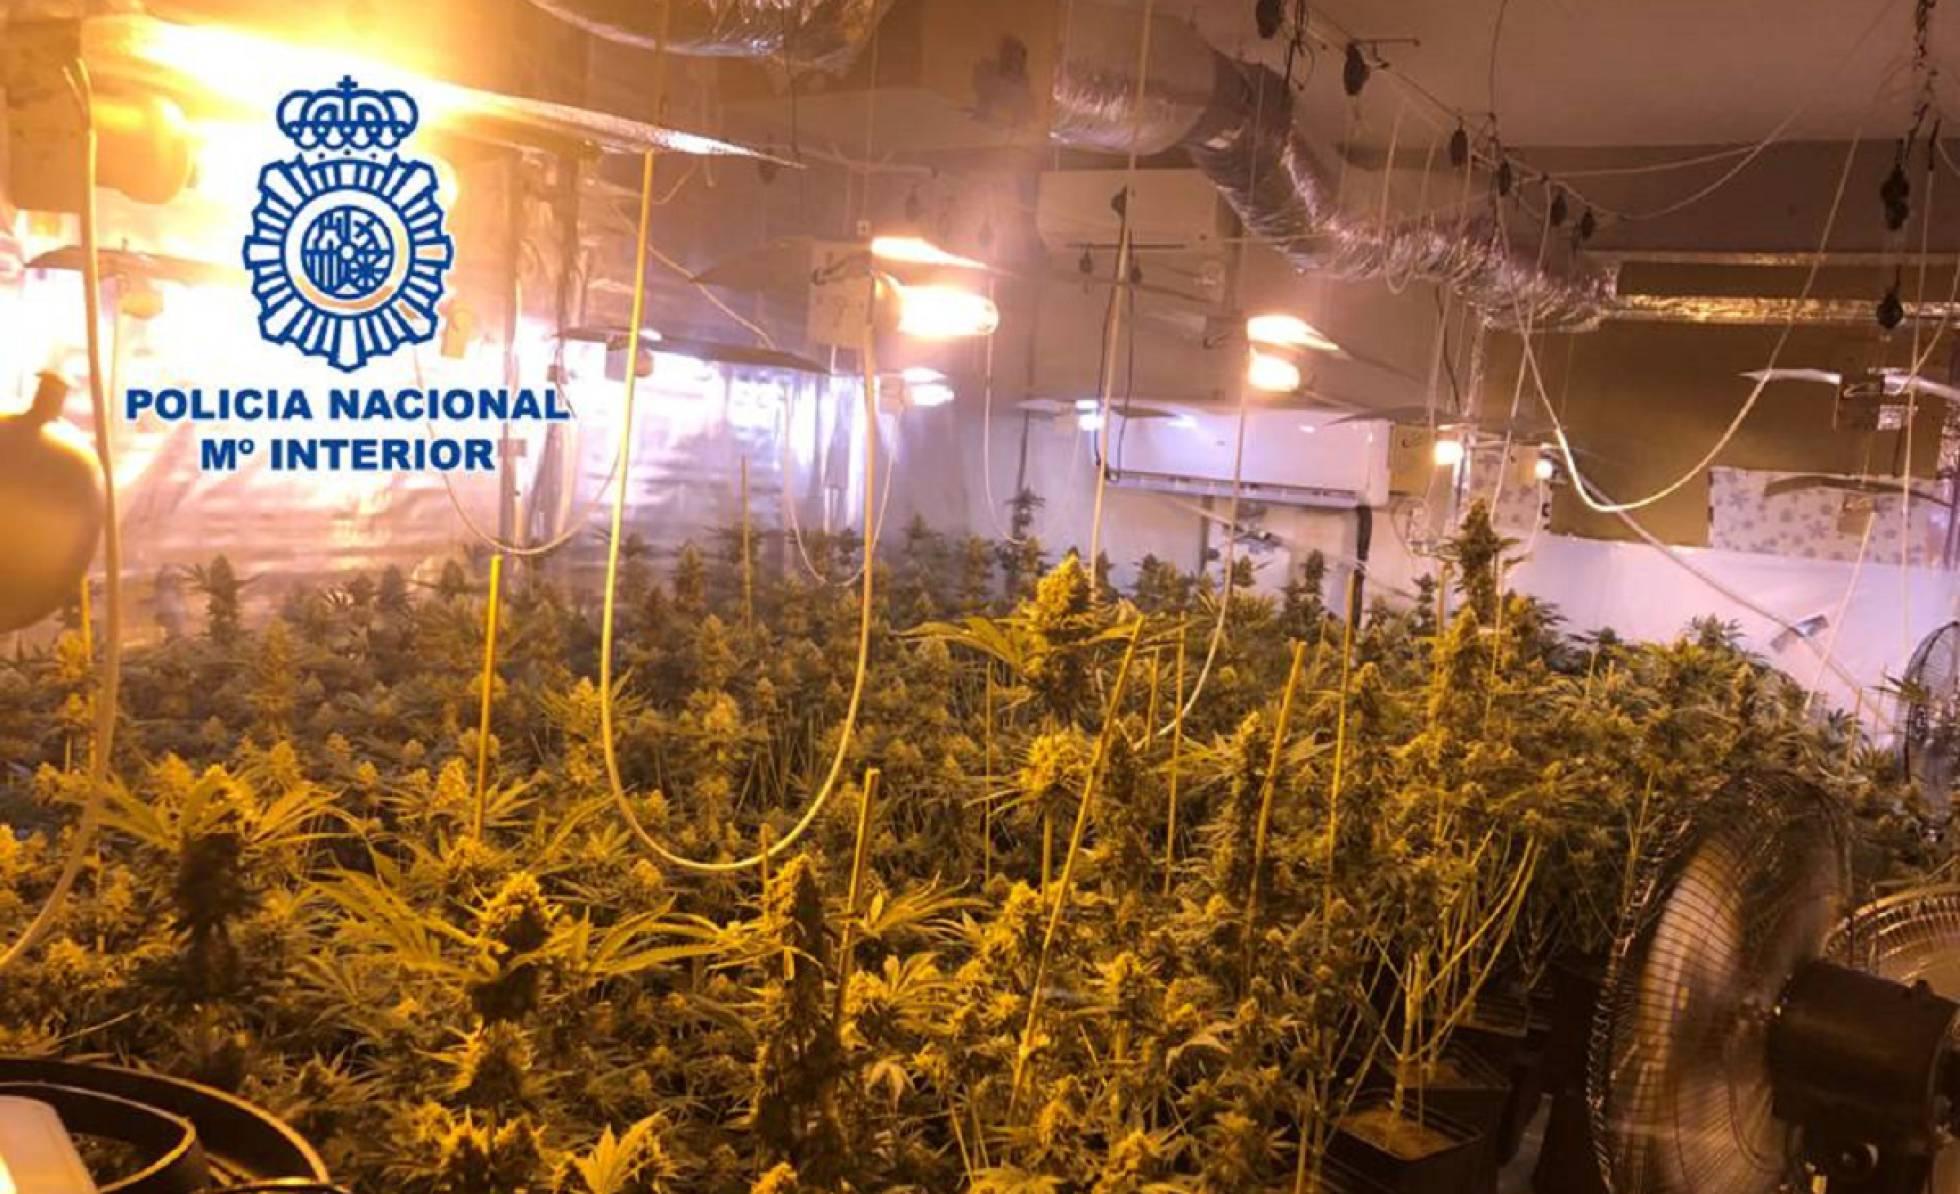 250 krzaków marihuany